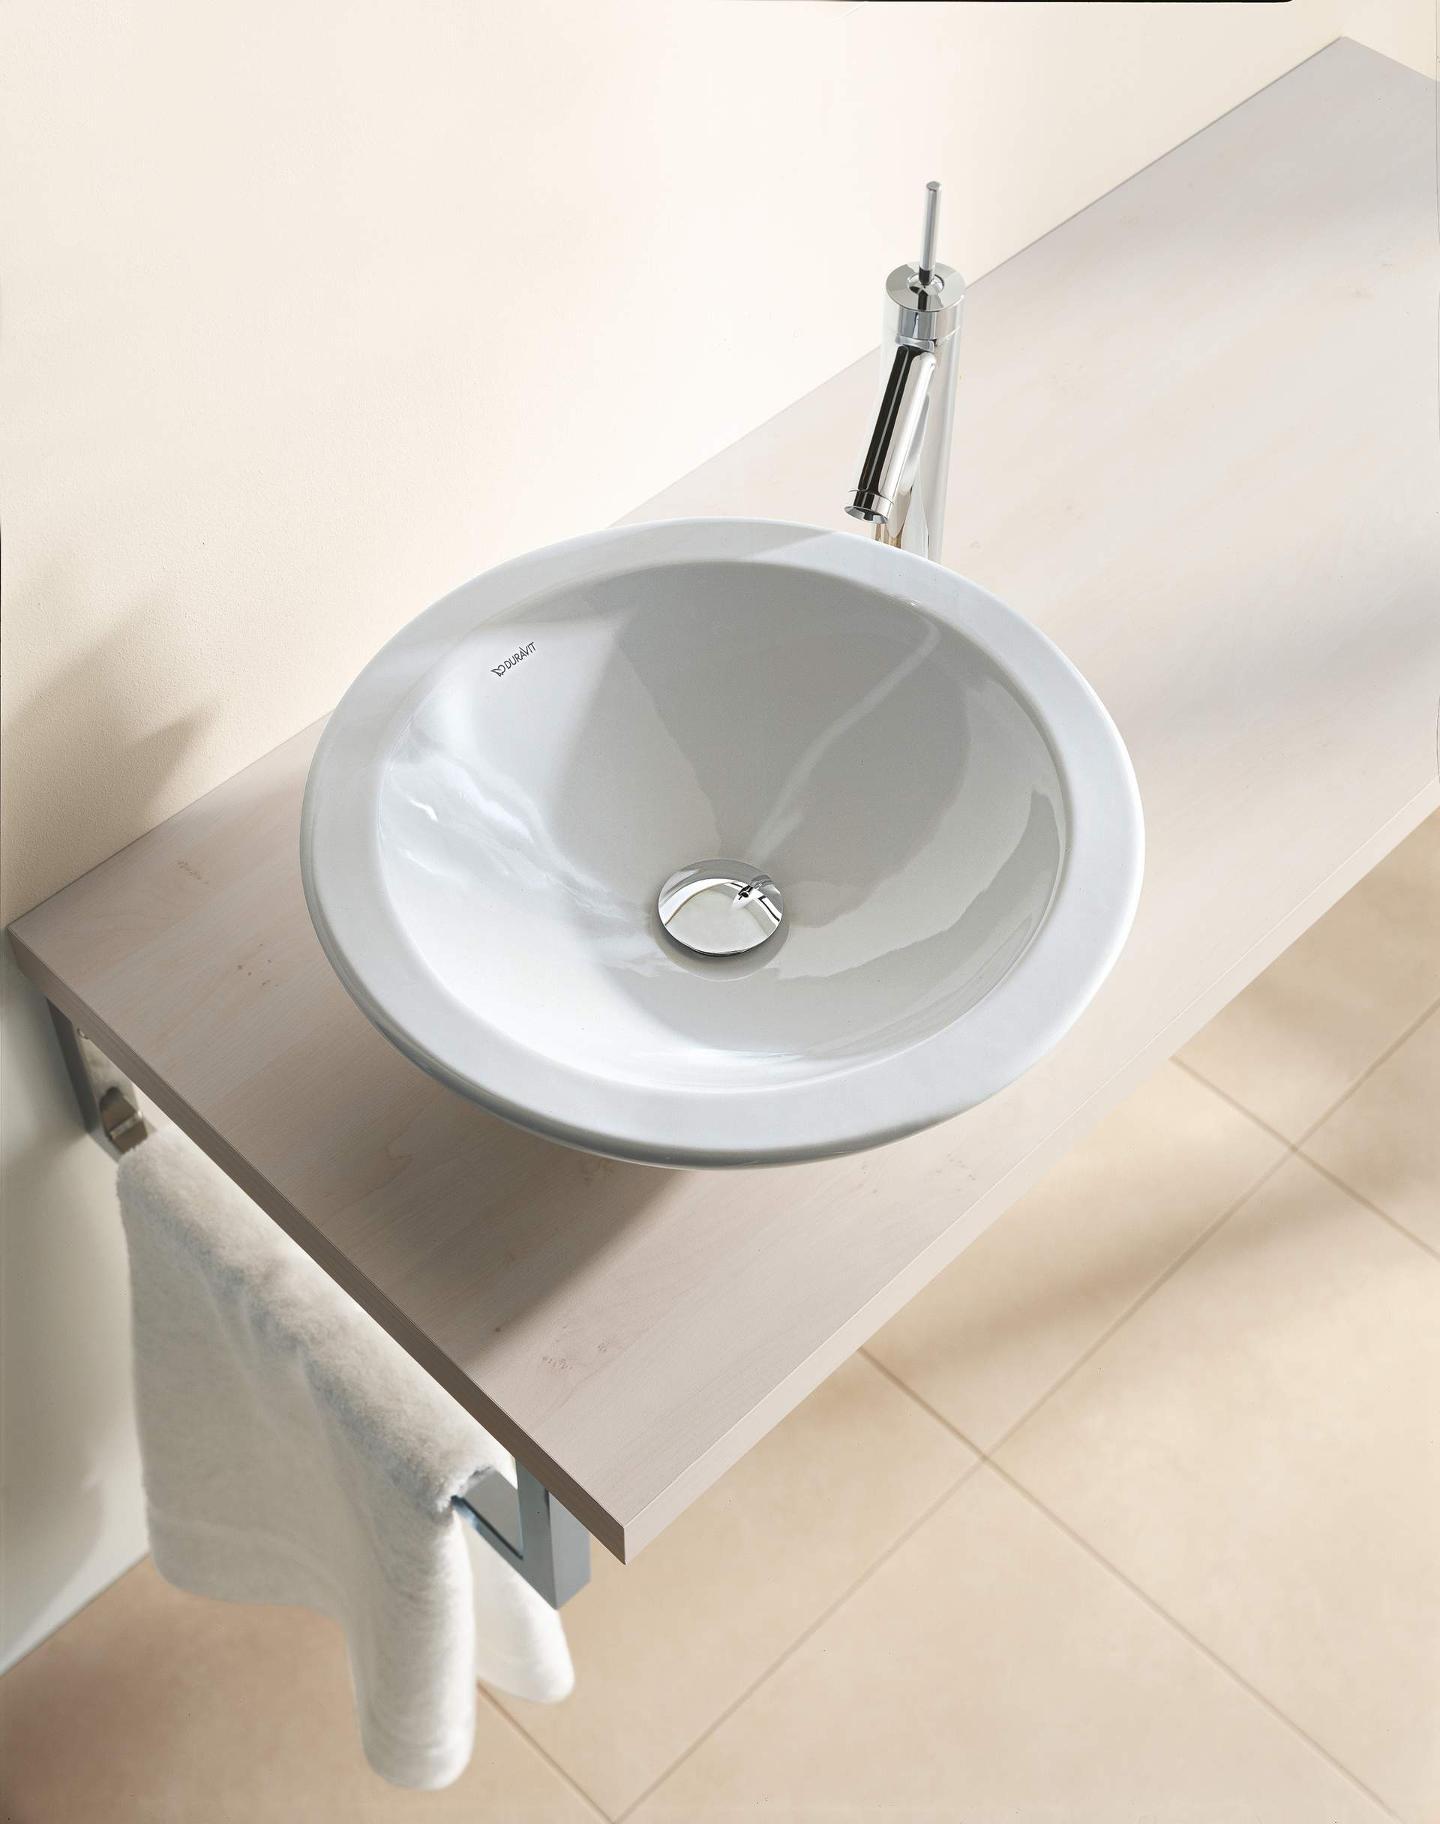 Sanitärkeramik  Badkeramik & Sanitärkeramik für Ihr Badezimmer | Duravit